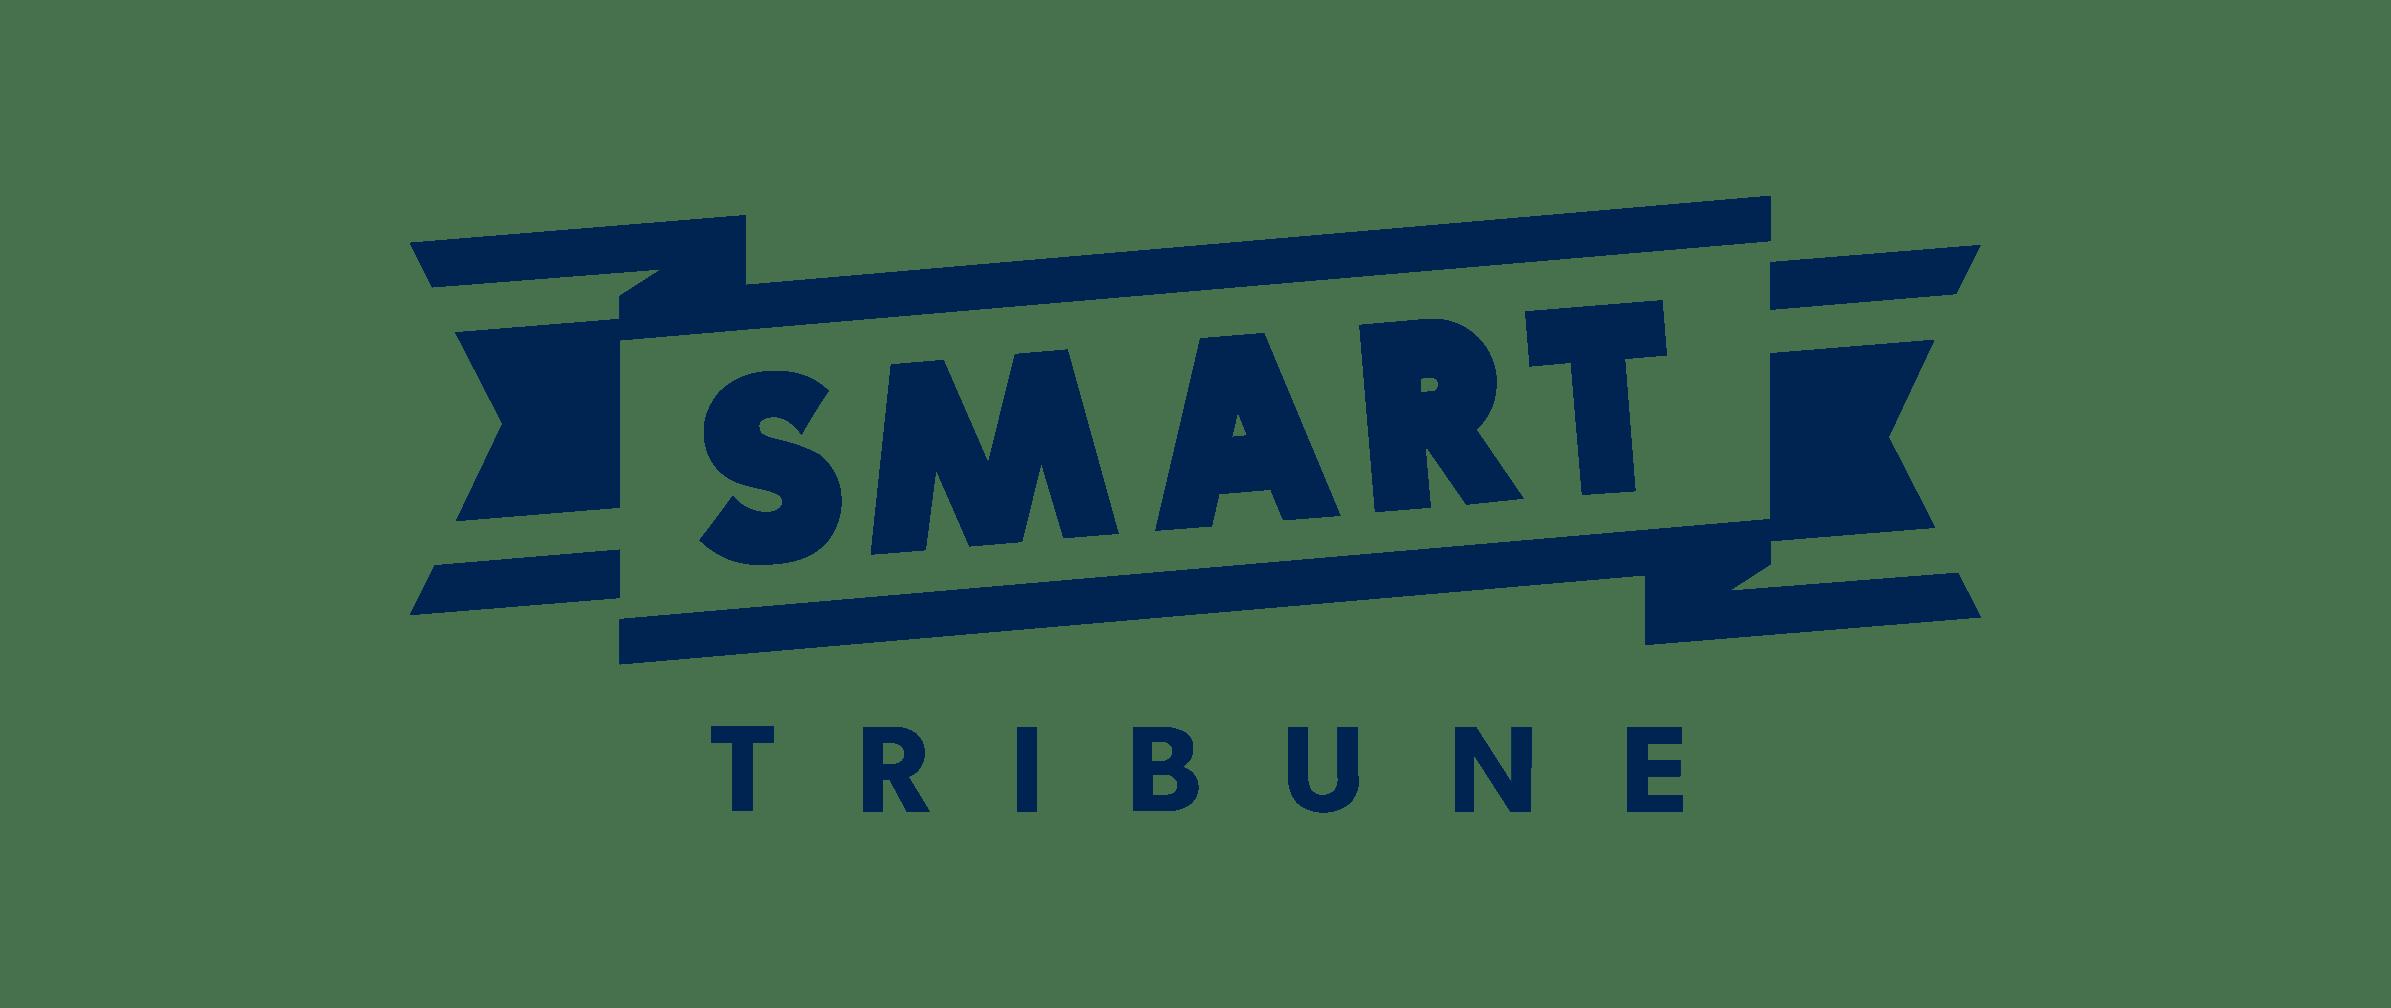 Avis Smart Tribune : Solution leader de selfcare et d'autonomie client - Appvizer